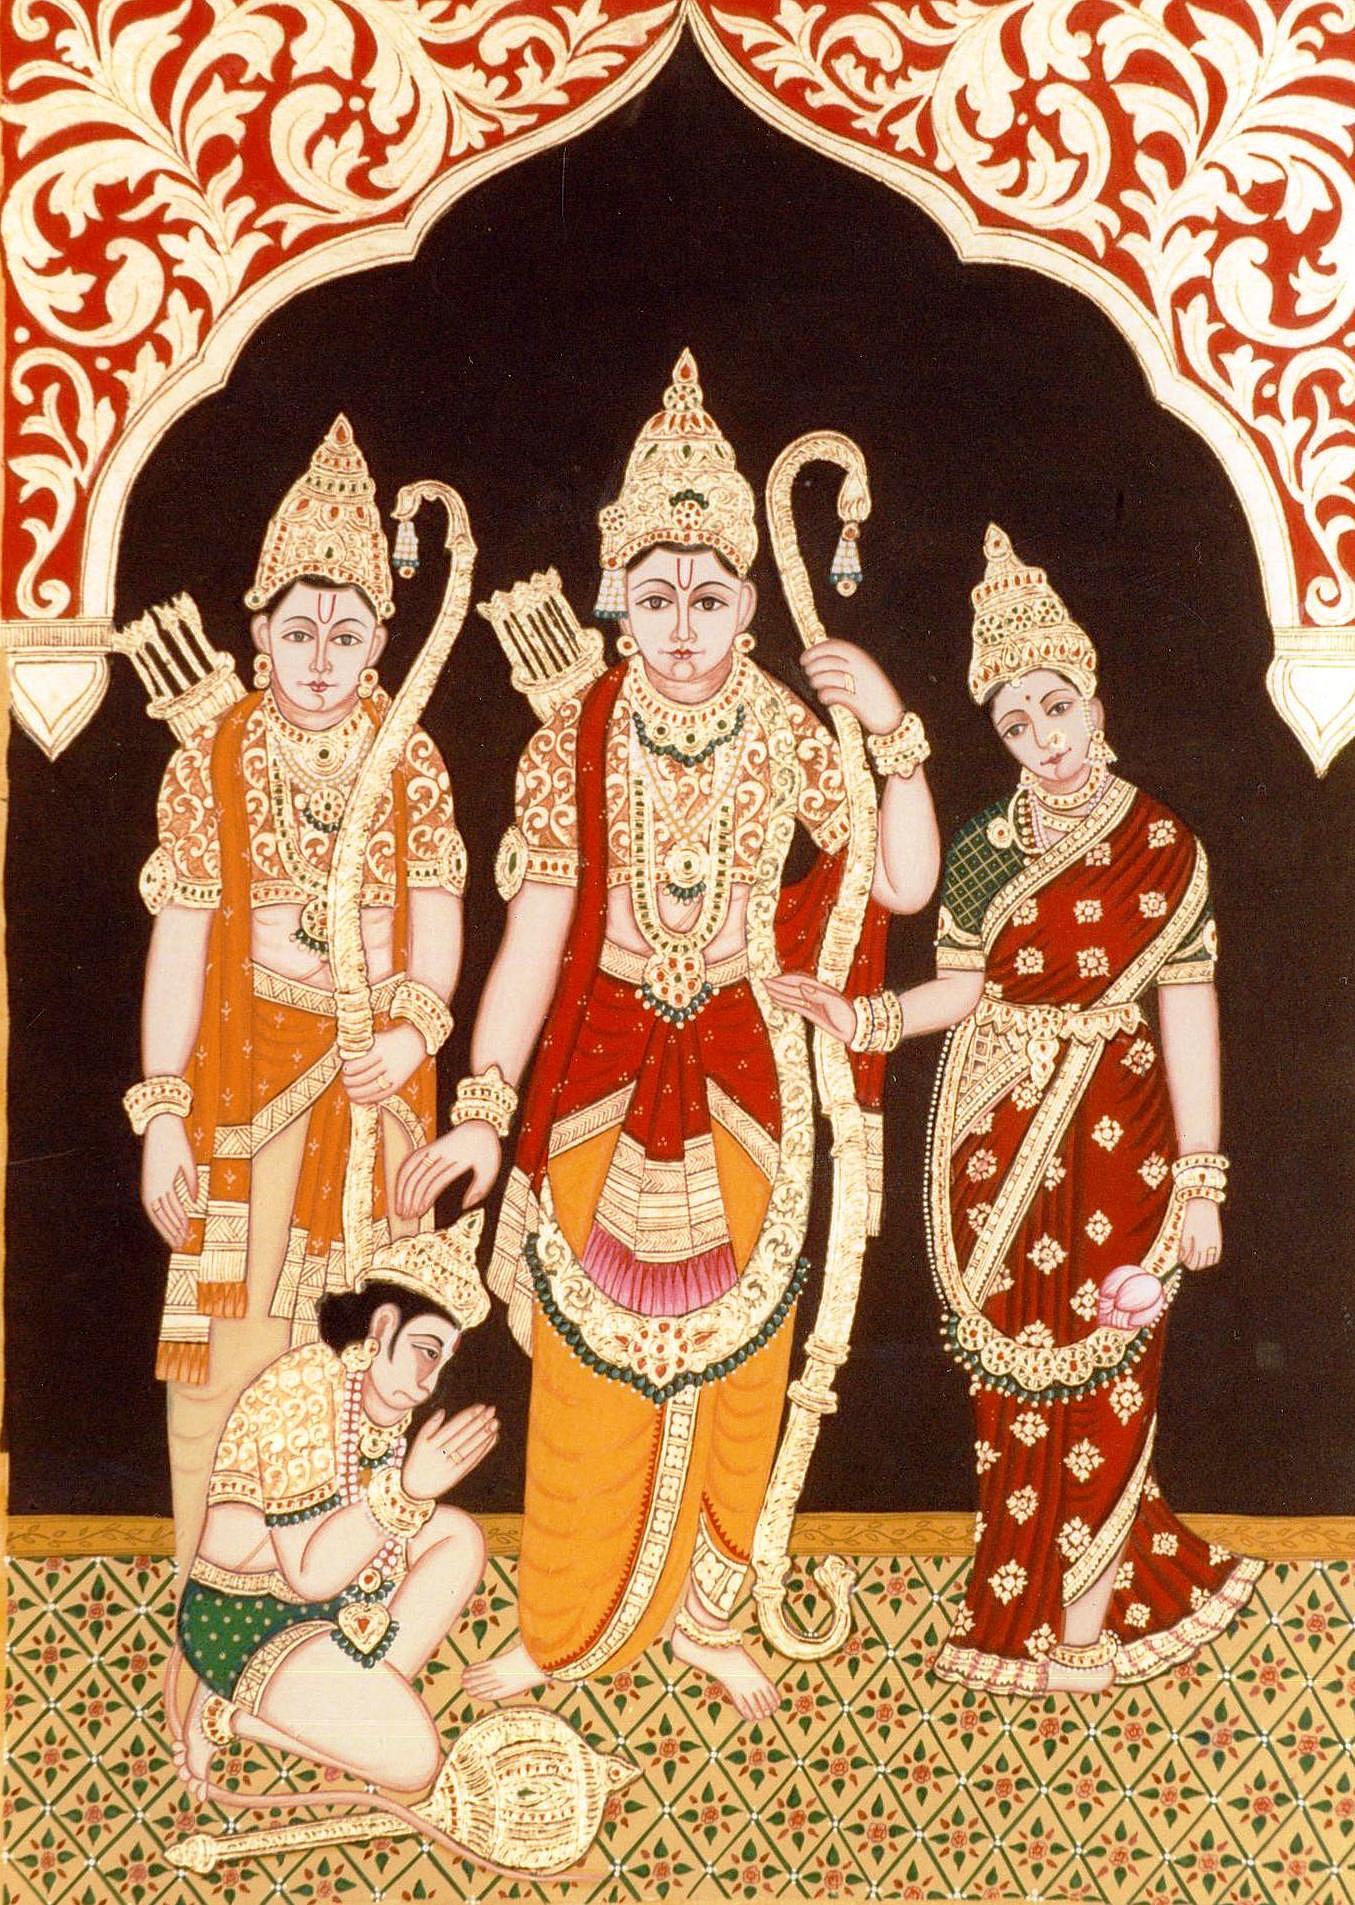 Ram Price >> Vinyas Art Studio - Tanjore, Mysore and Rajasthani Paintings | Ram lakshman sita